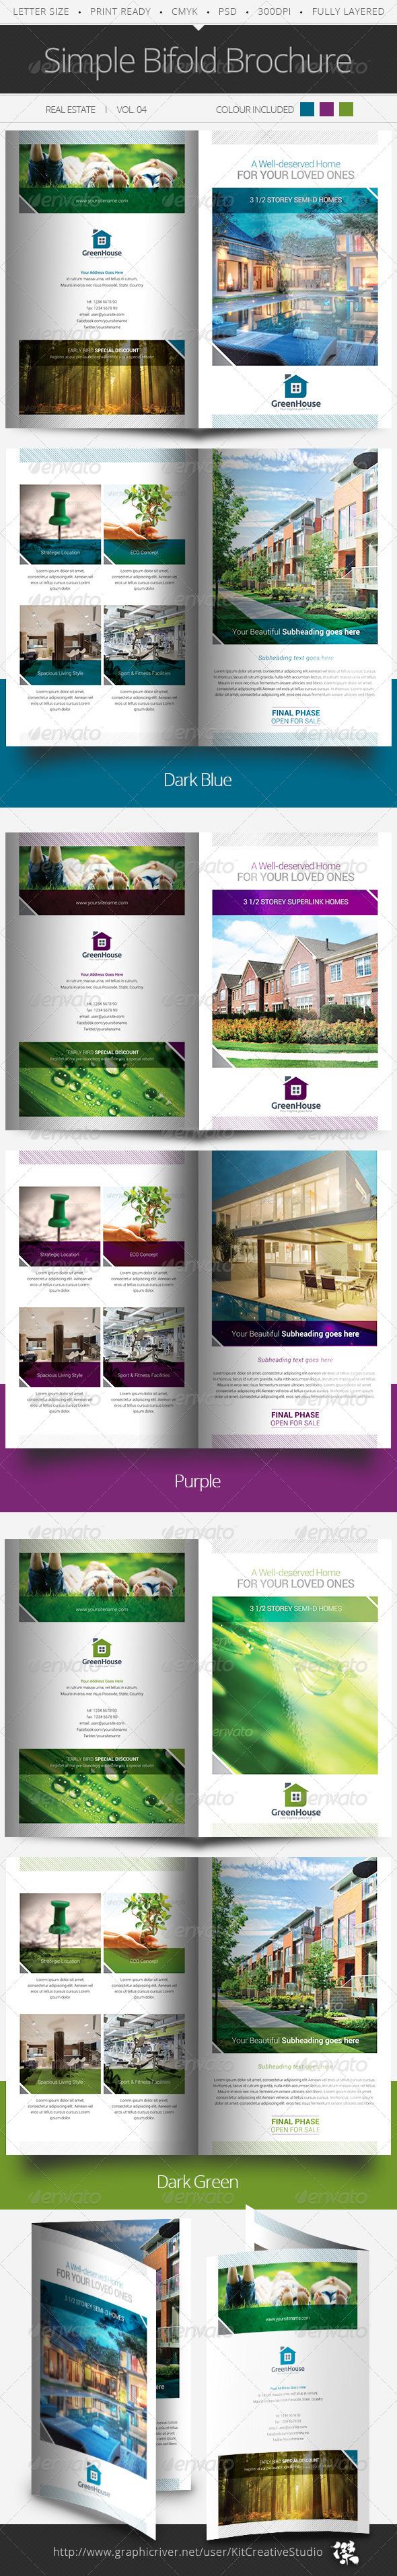 Simple Bifold Brochure Vol.04 - Informational Brochures